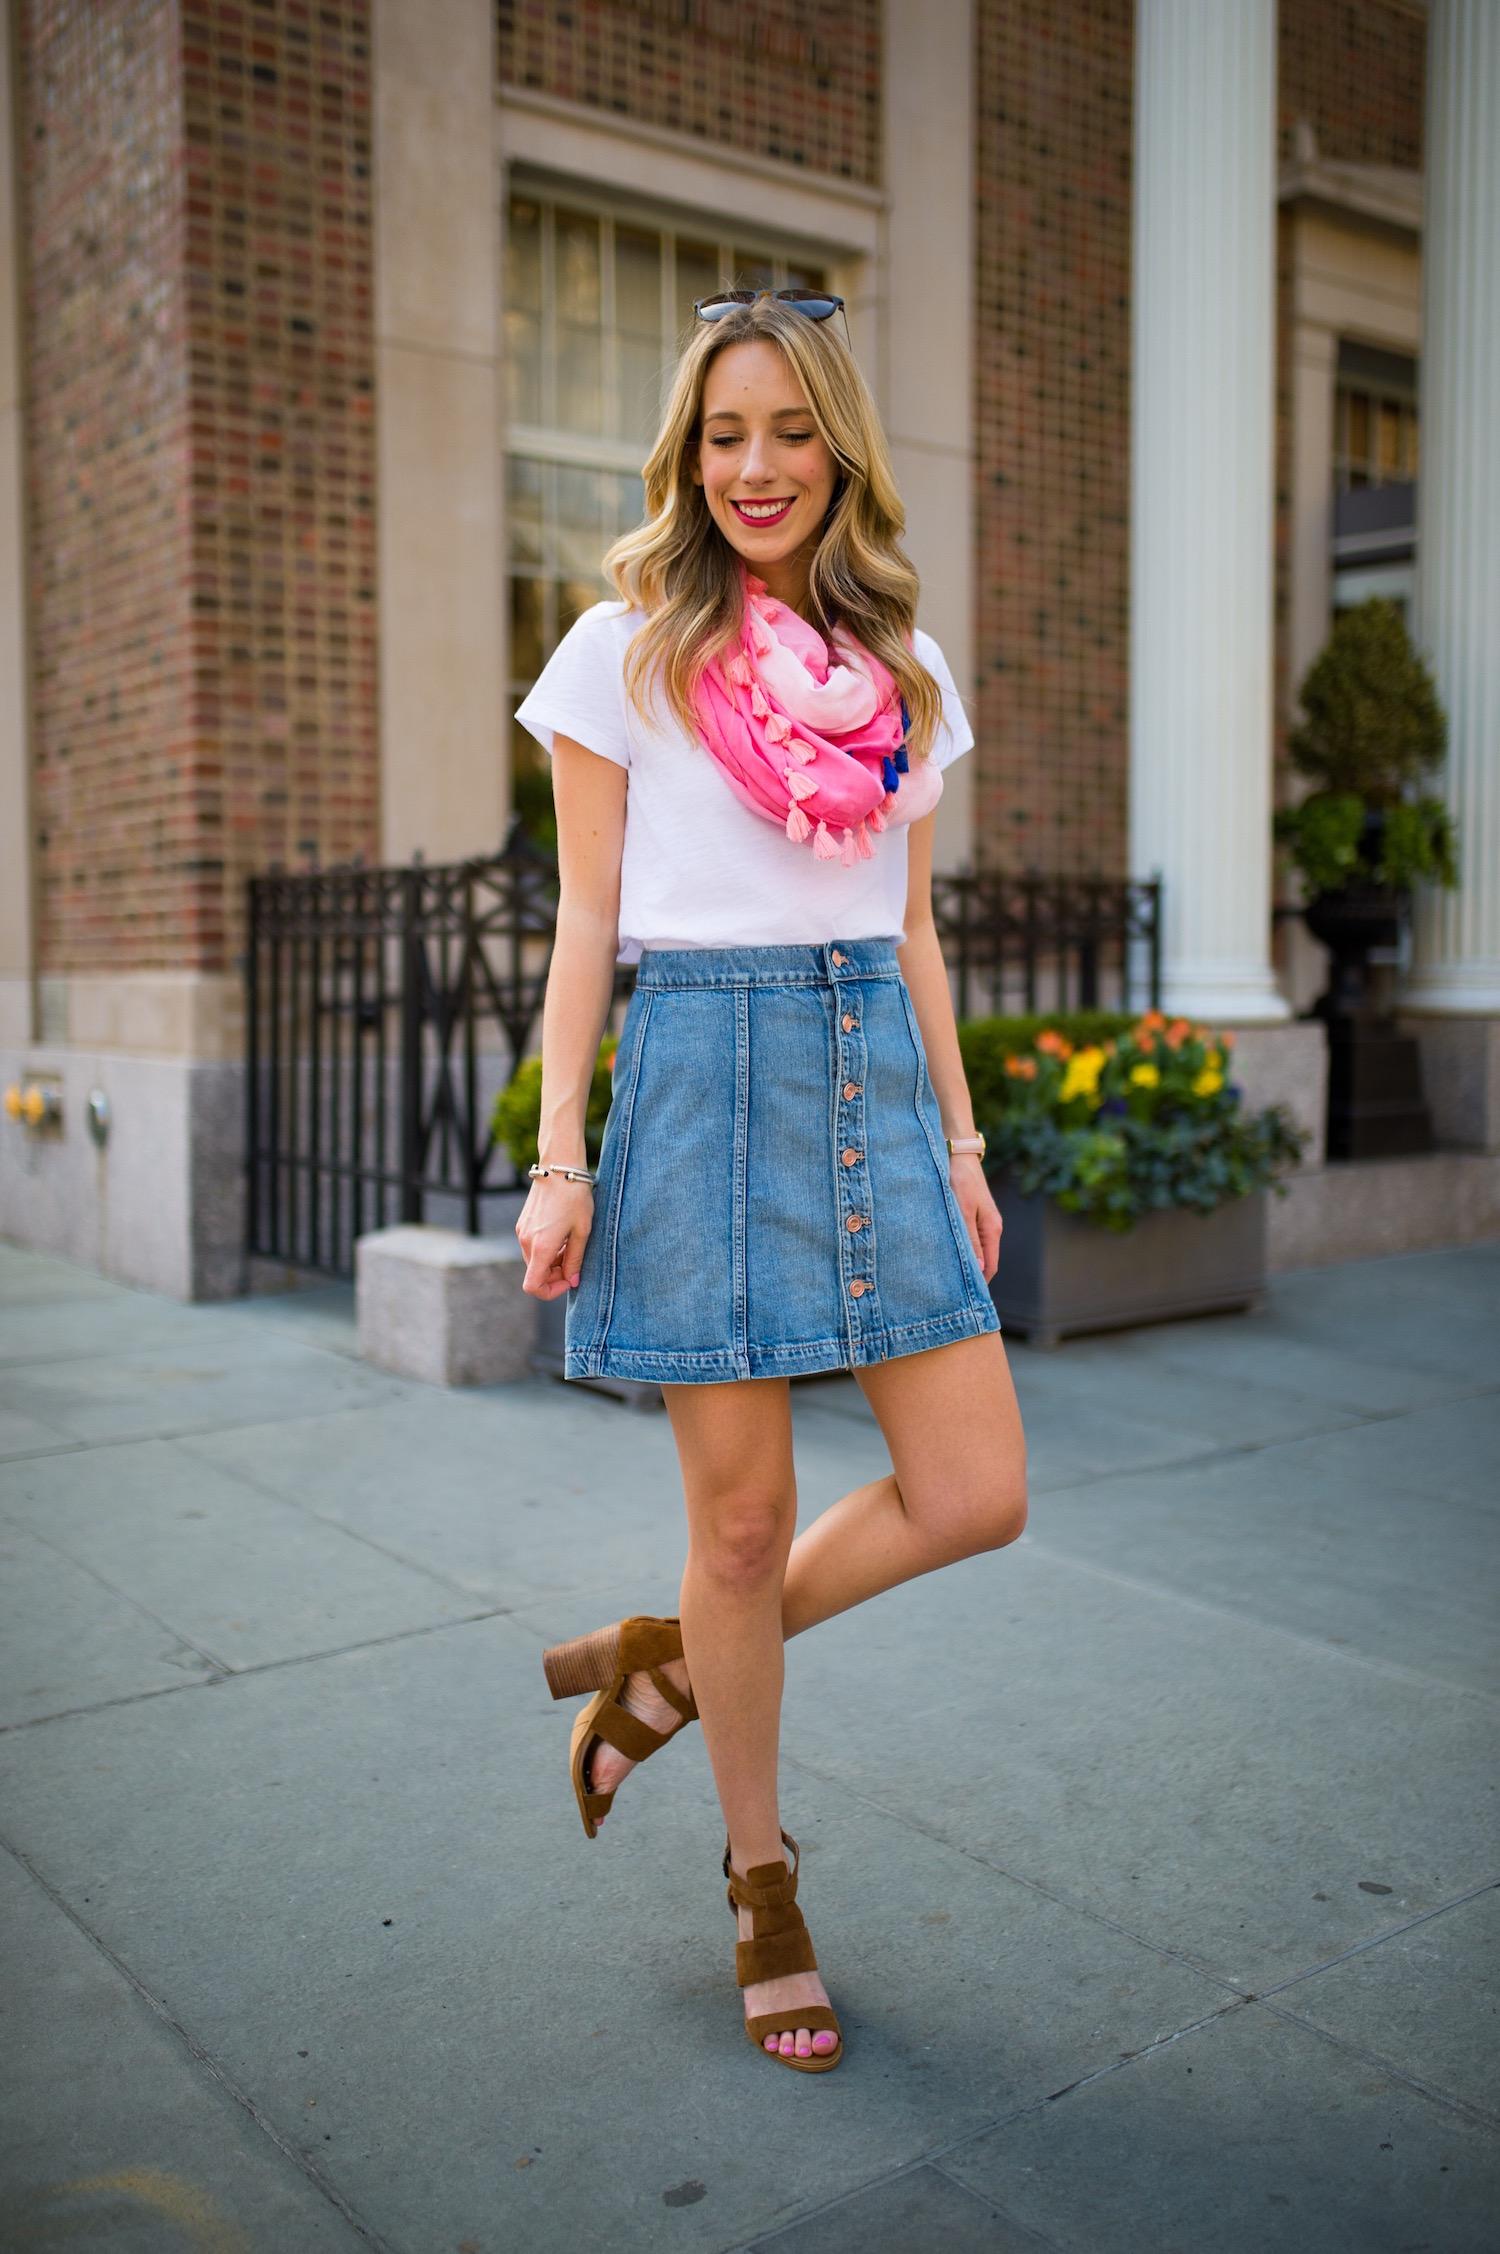 Express Karlie Kloss High Waisted A-Line Denim Mini Skirt